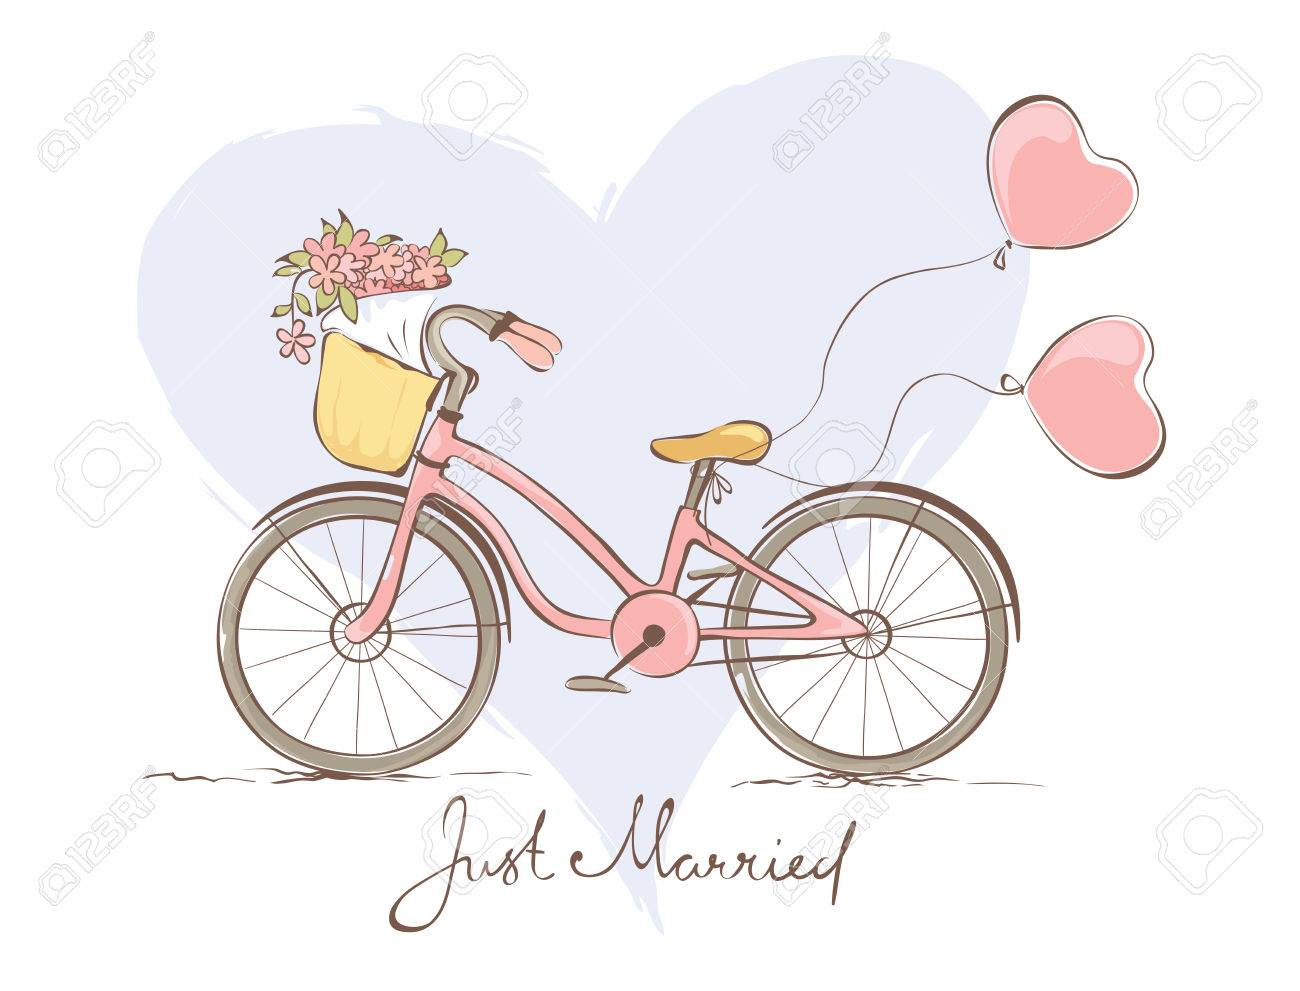 Hochzeitskarte Mit Einem Fahrrad Fur Die Braut Lizenzfrei Nutzbare